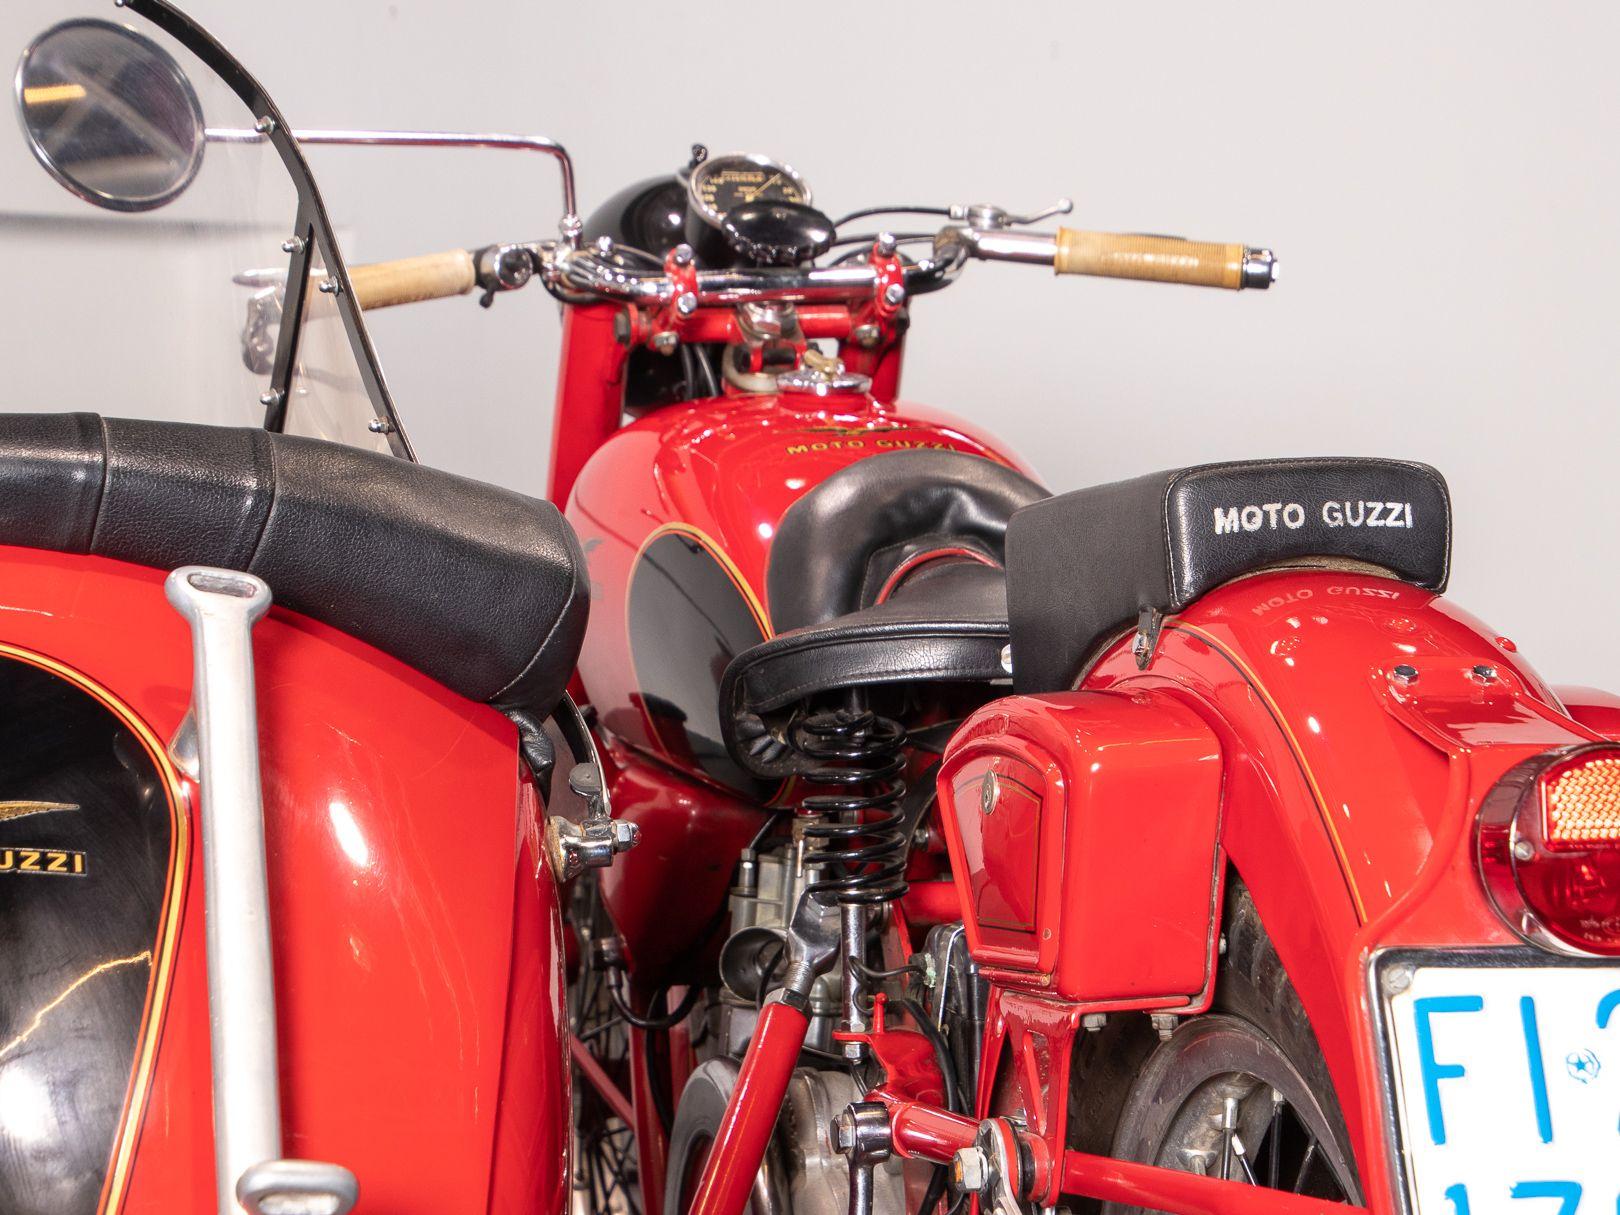 1956 Moto Guzzi 500 FS Sidecar 44972